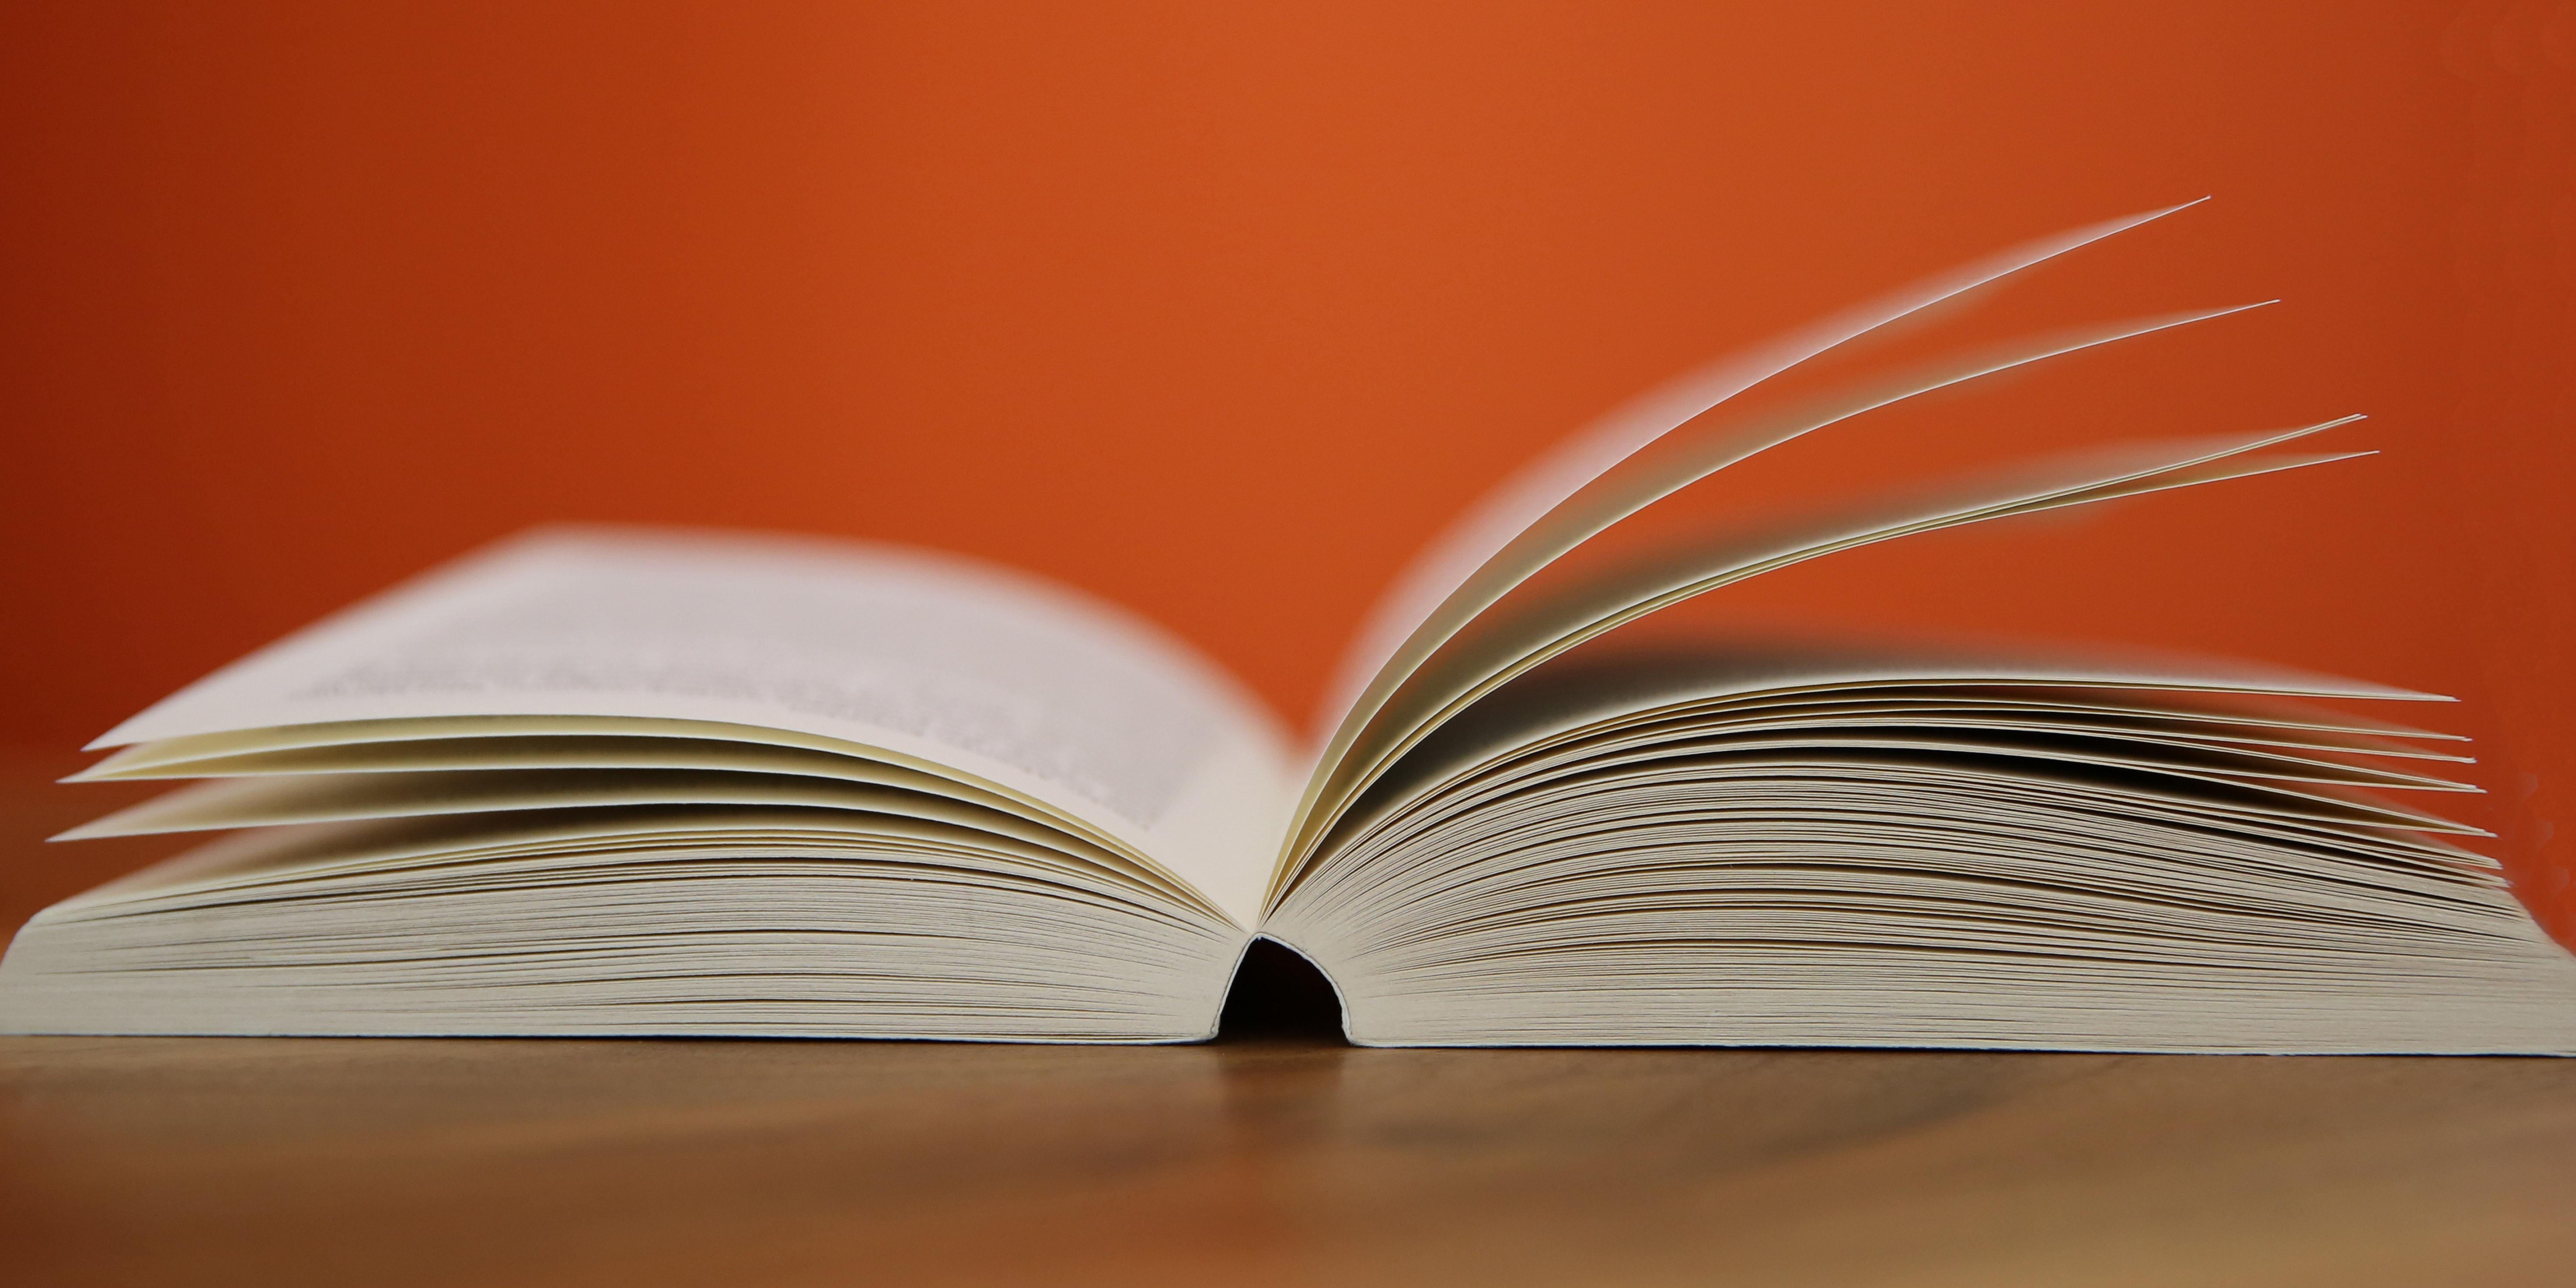 lezen, boek, plezier, oogsamenwerking, reflexintegratie, onthouden, leren